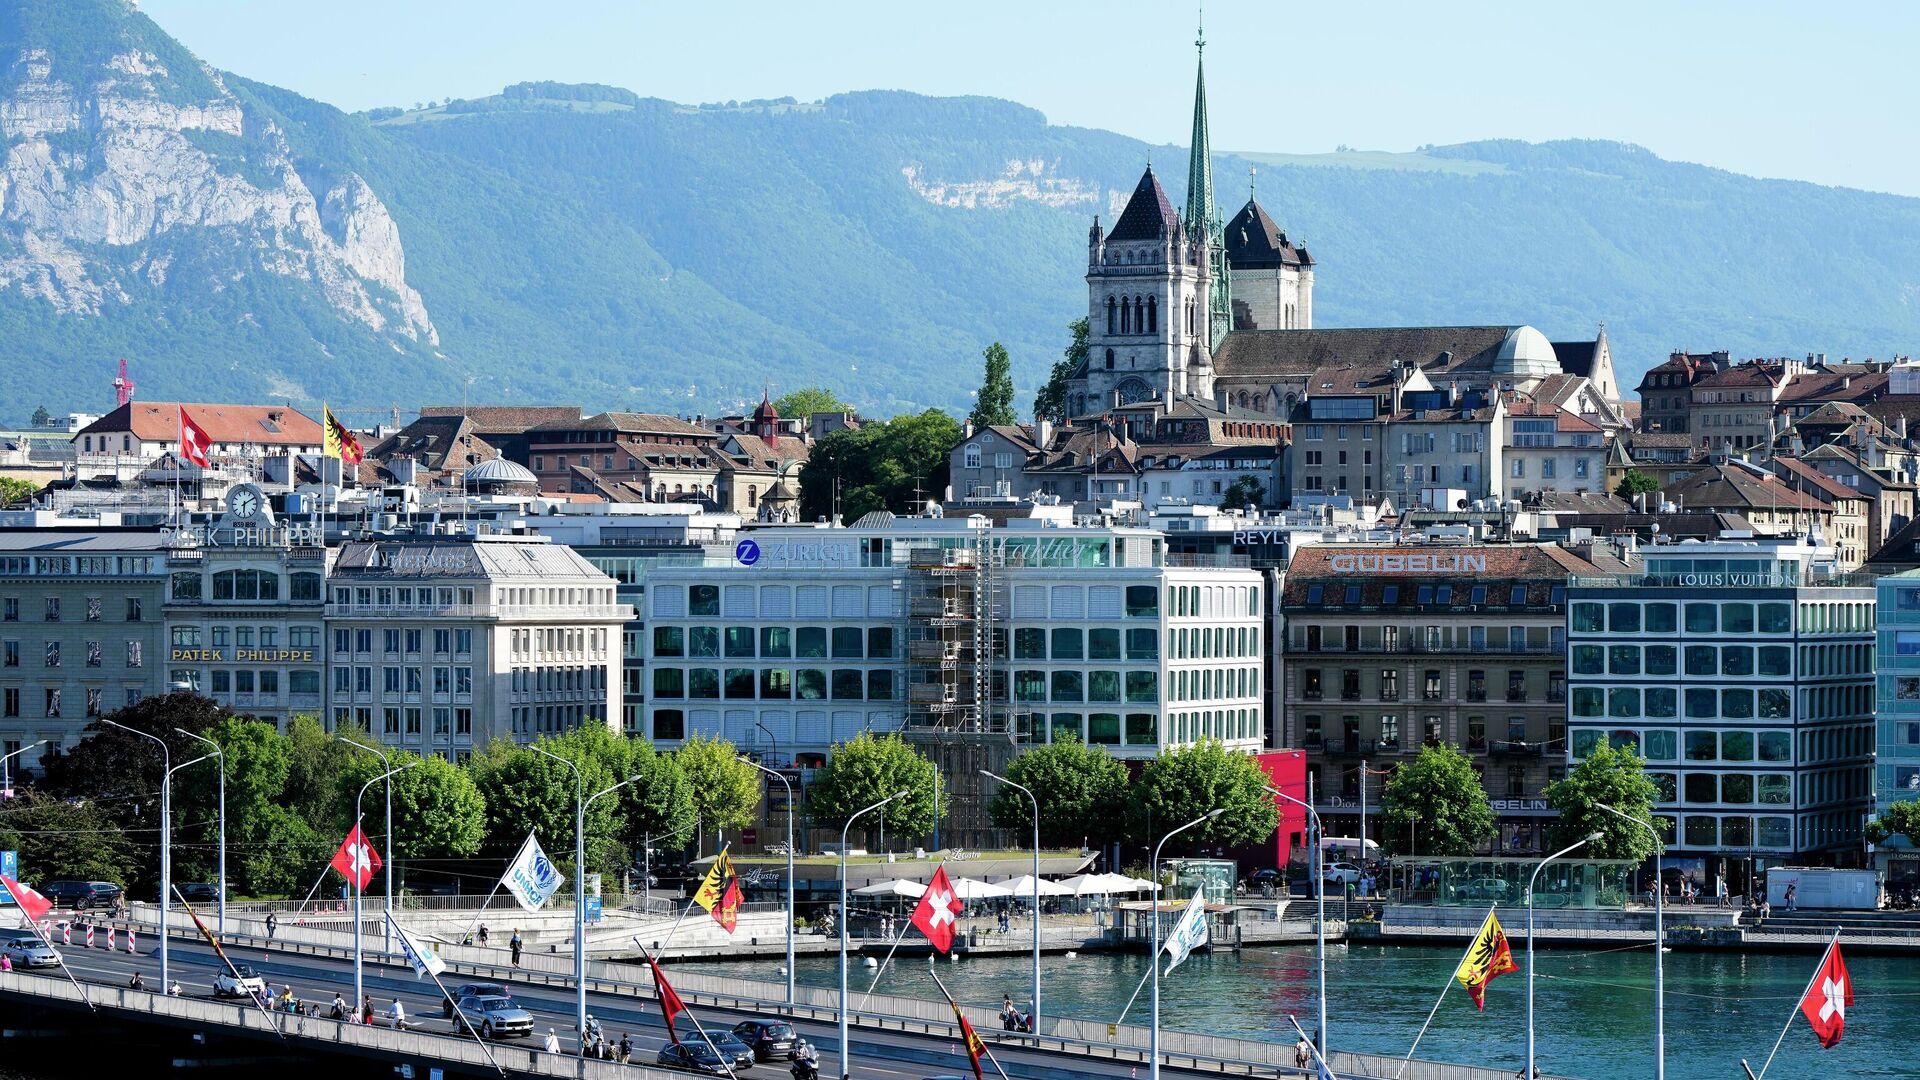 Вид на собор Сен-Пьер в Женеве, Швейцария - РИА Новости, 1920, 28.07.2021